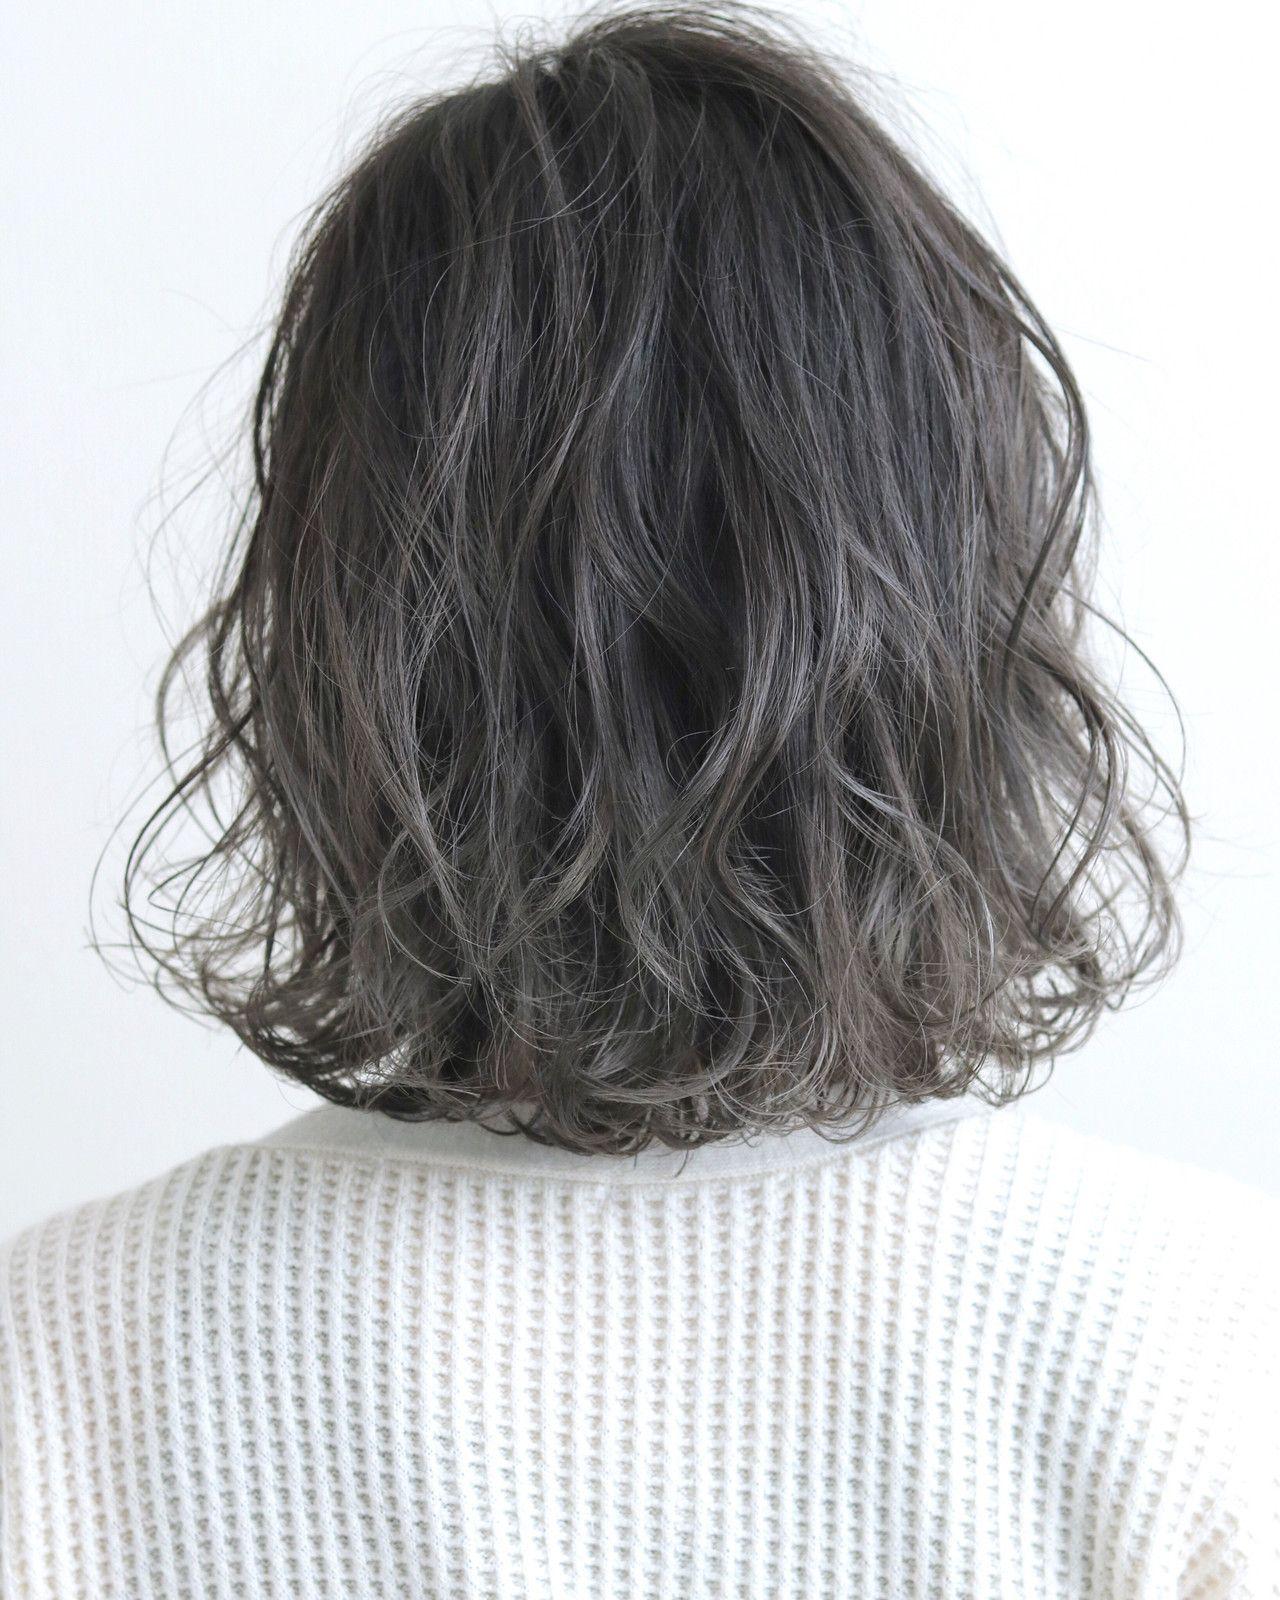 グレージュ グレーアッシュ グレー ボブ Lily Co Hair Design 増田